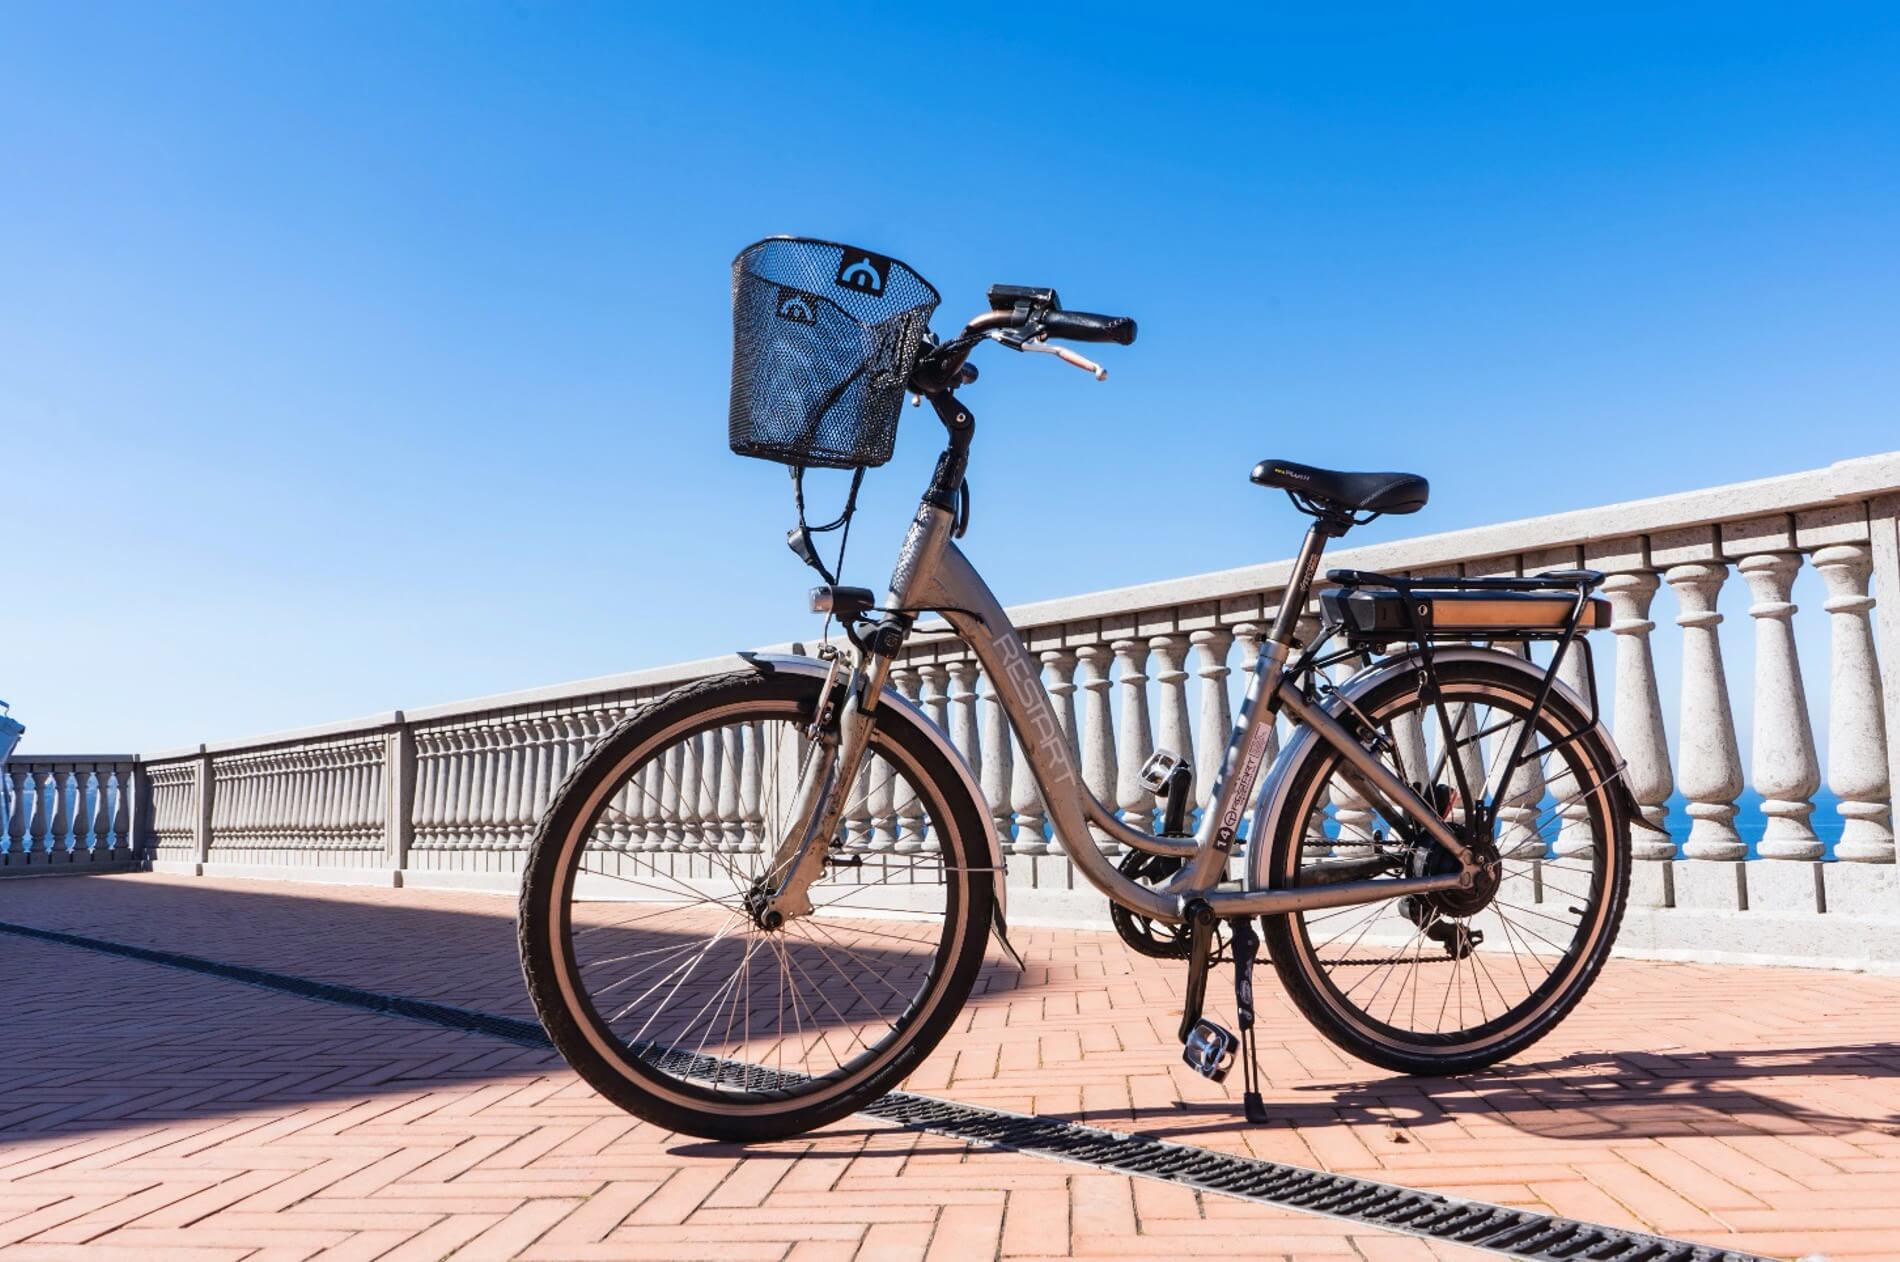 Where to rent an e-bike on the Amalfi Coast